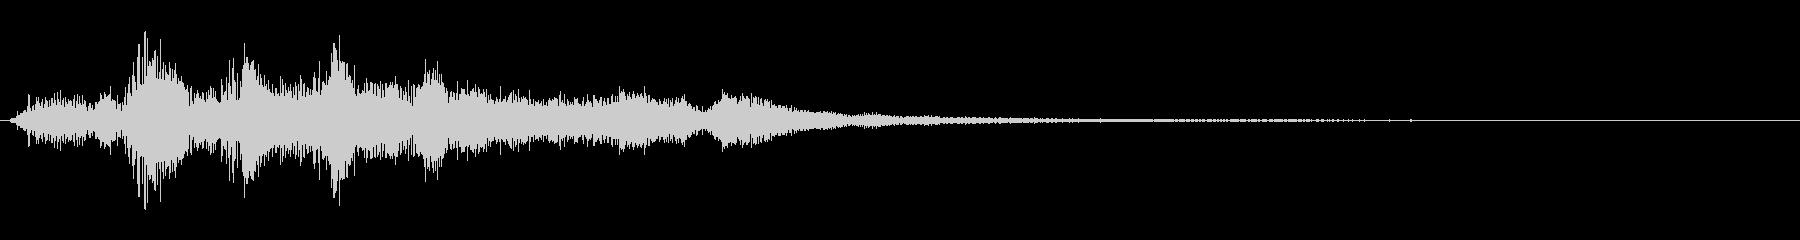 ハープ:コーダルグリス、上下の未再生の波形